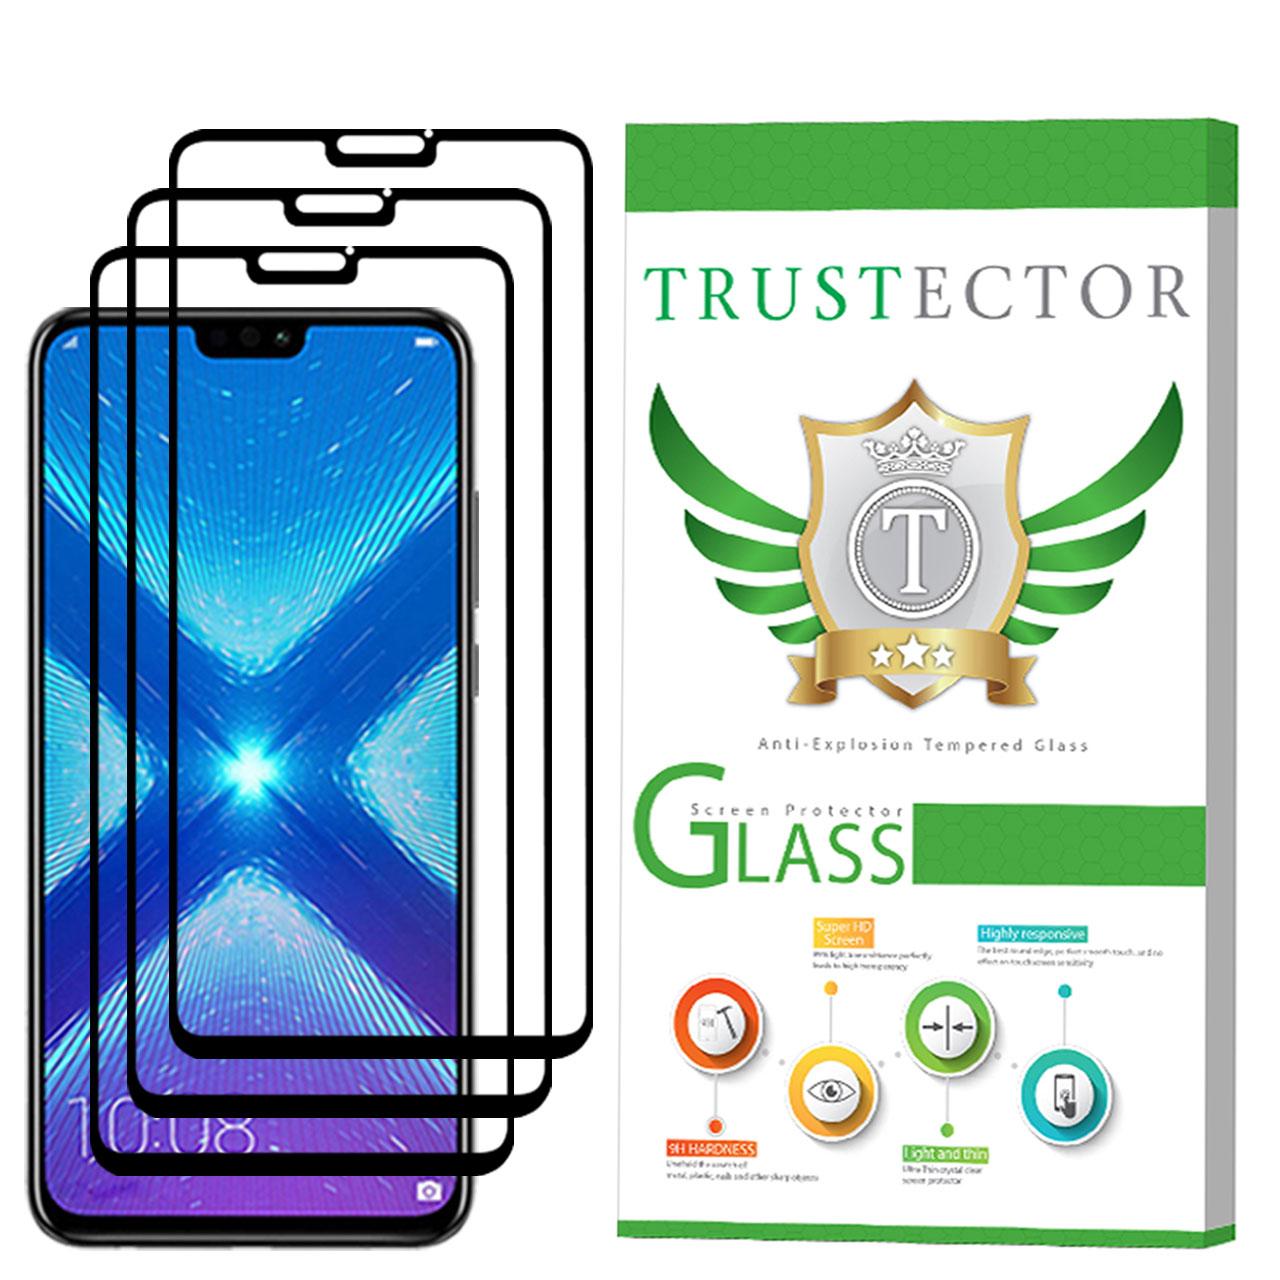 محافظ صفحه نمایش تراستکتور مدل GSS مناسب برای گوشی موبایل آنر 8X بسته 3 عددی thumb